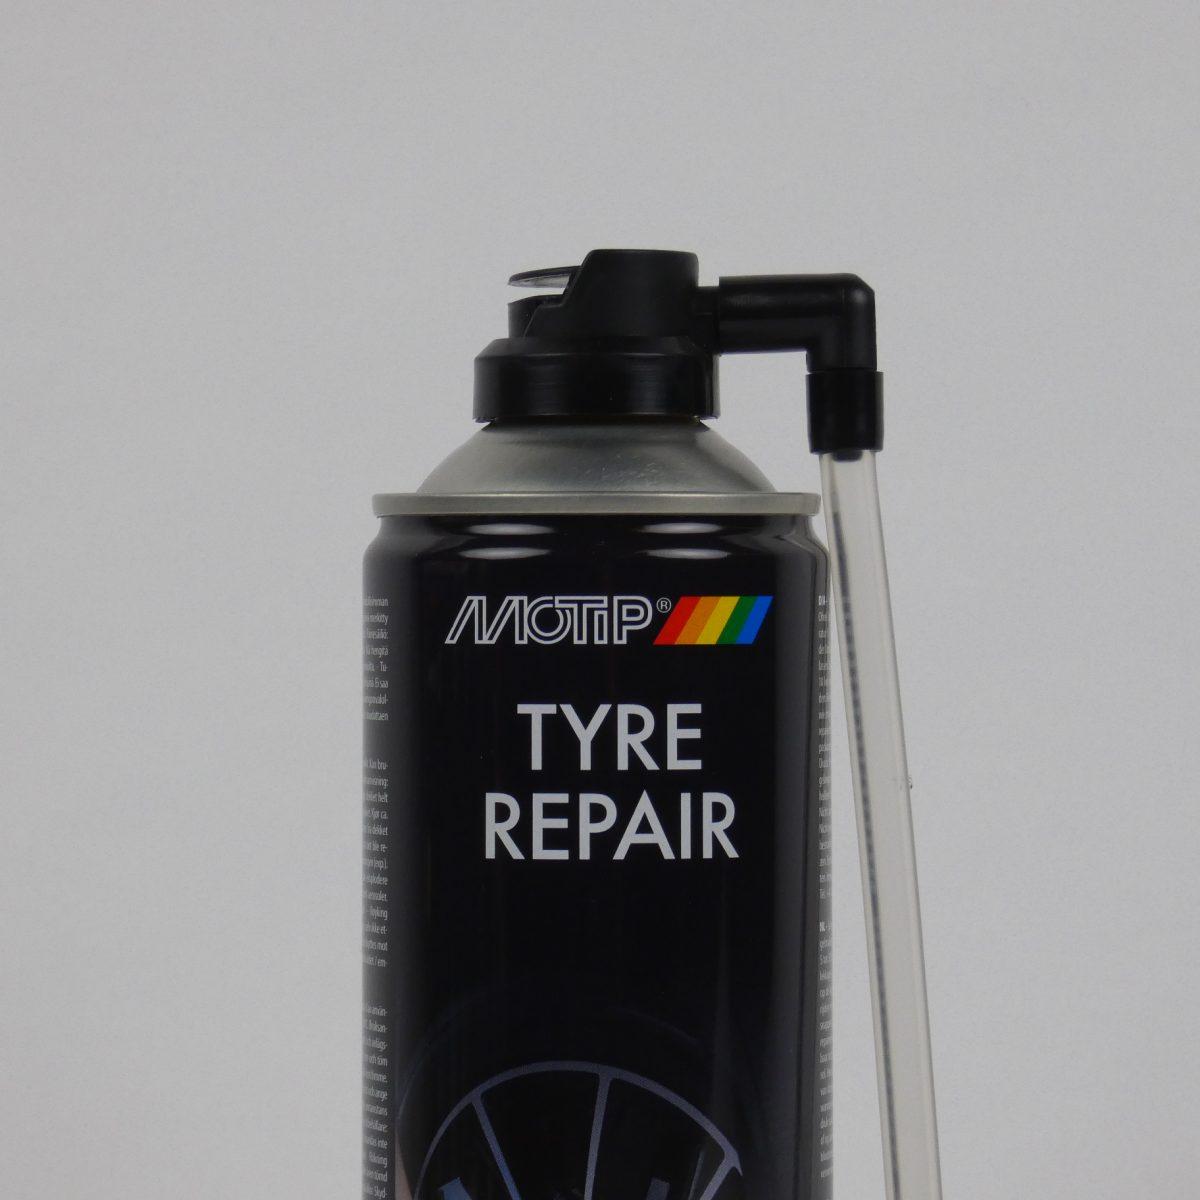 motip-000712-tyre-repair-drachten-oosterwolde-brezan-auto